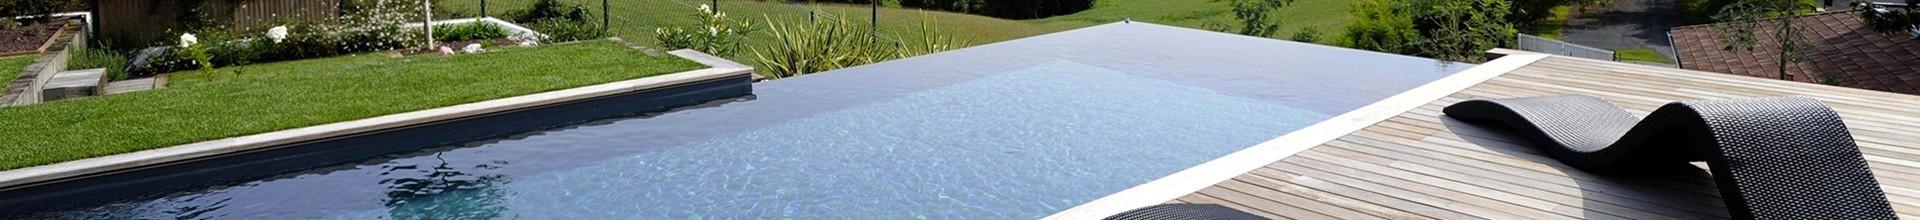 Direct usine, piscine coque prix Uccle